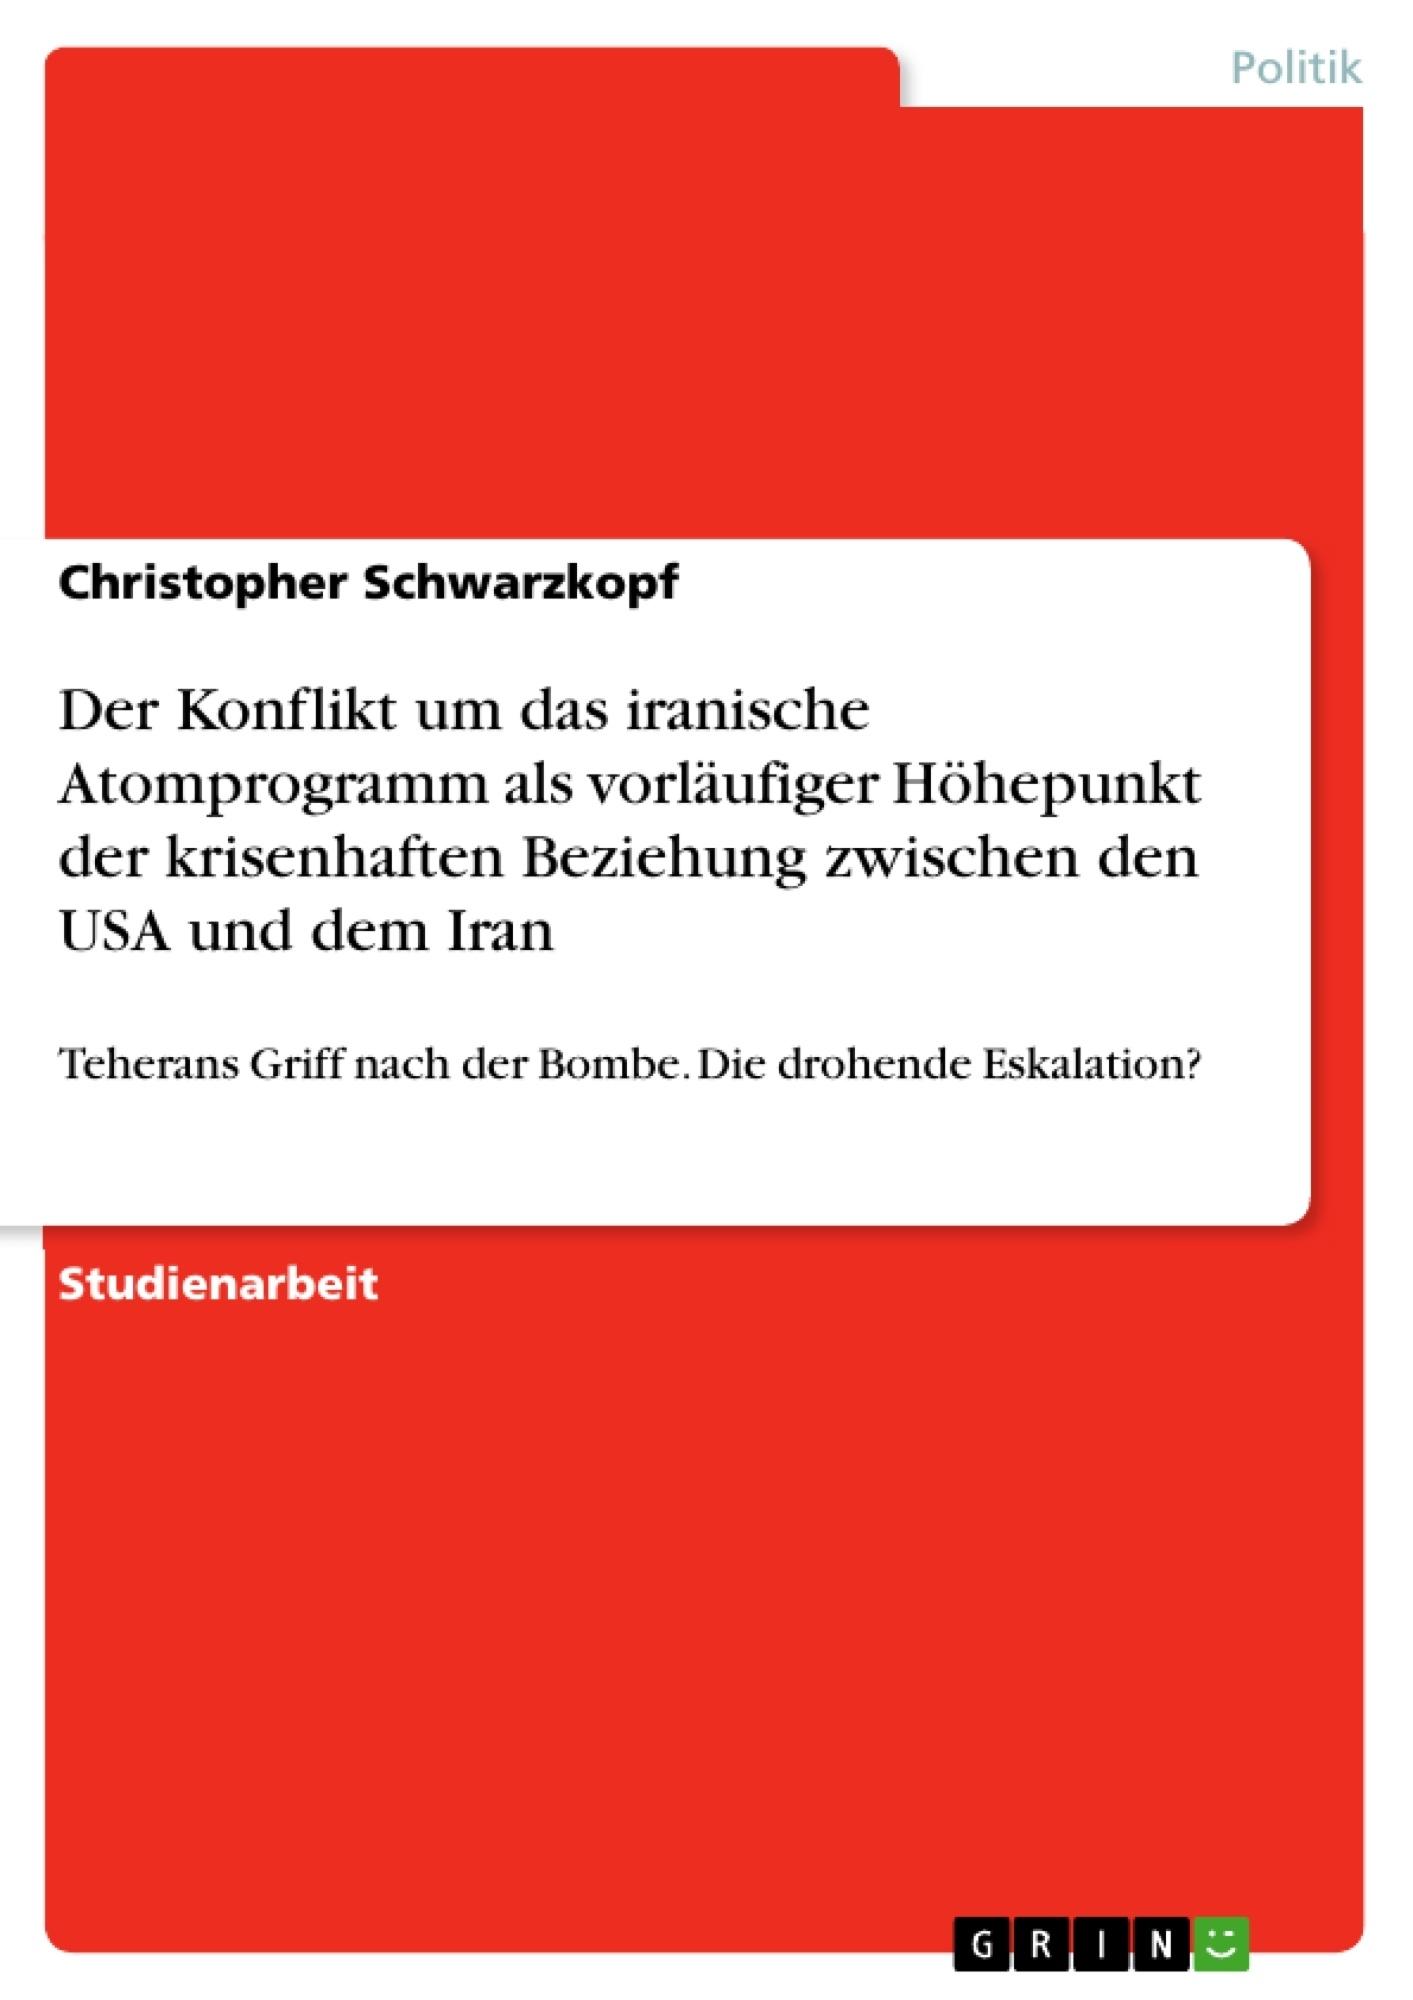 Titel: Der Konflikt um das iranische Atomprogramm als vorläufiger Höhepunkt der krisenhaften Beziehung zwischen den USA und dem Iran